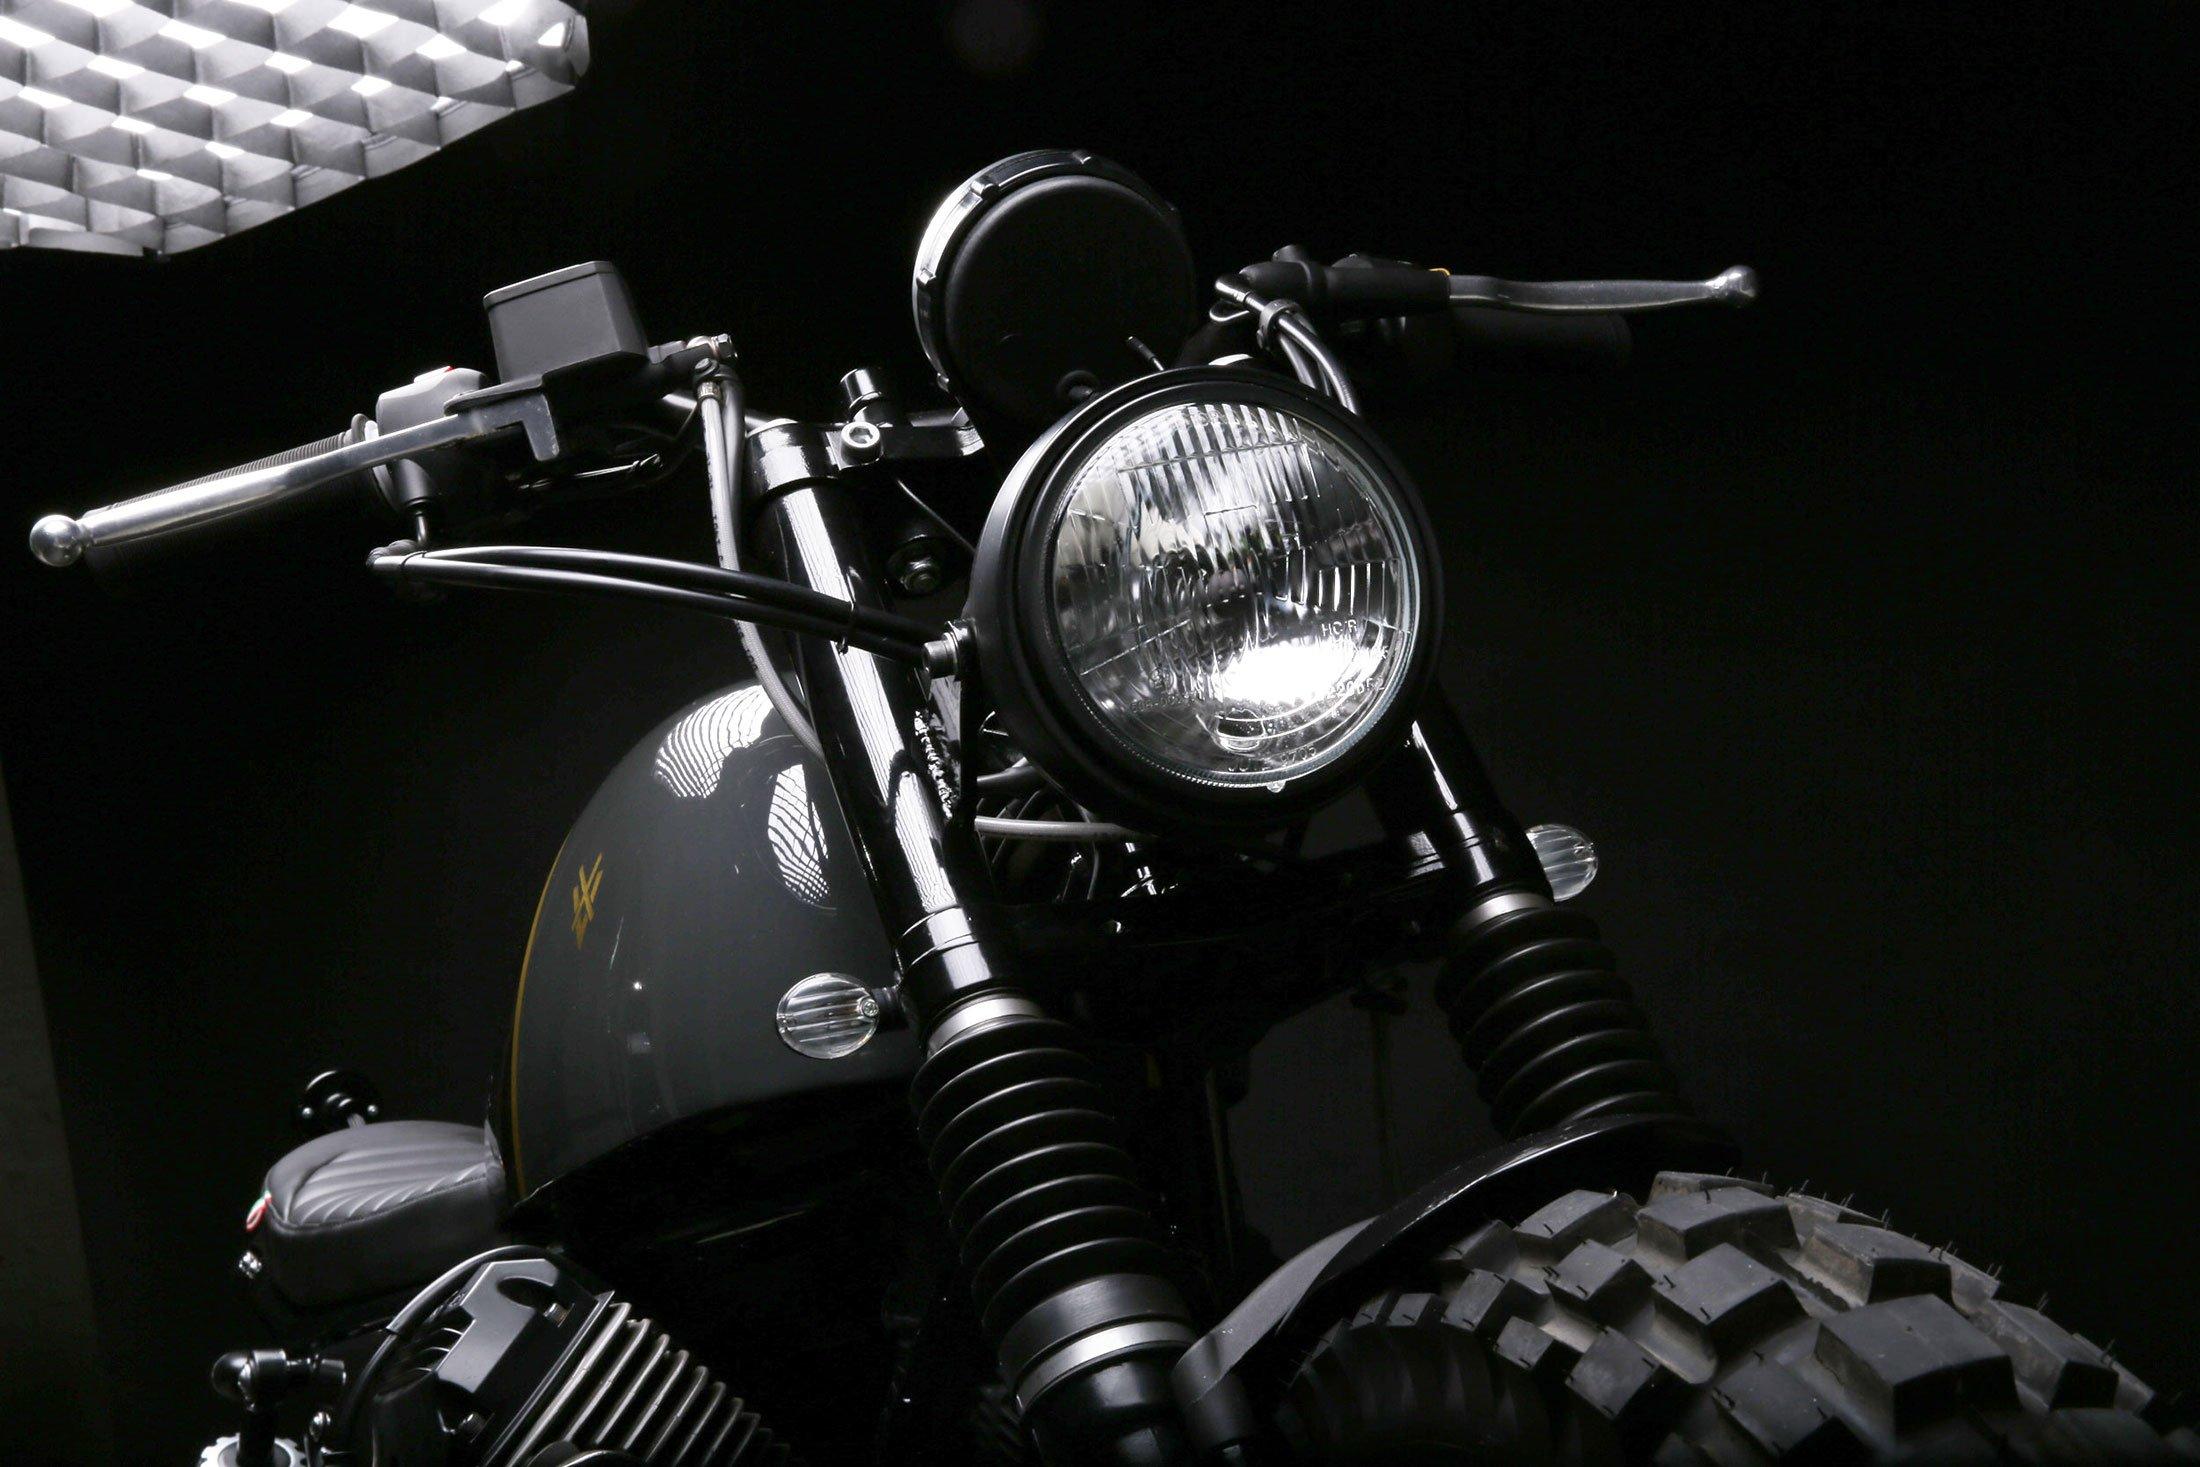 a-moto-guzzi-v7-redesigned-as-a-scrambler-gessato-7